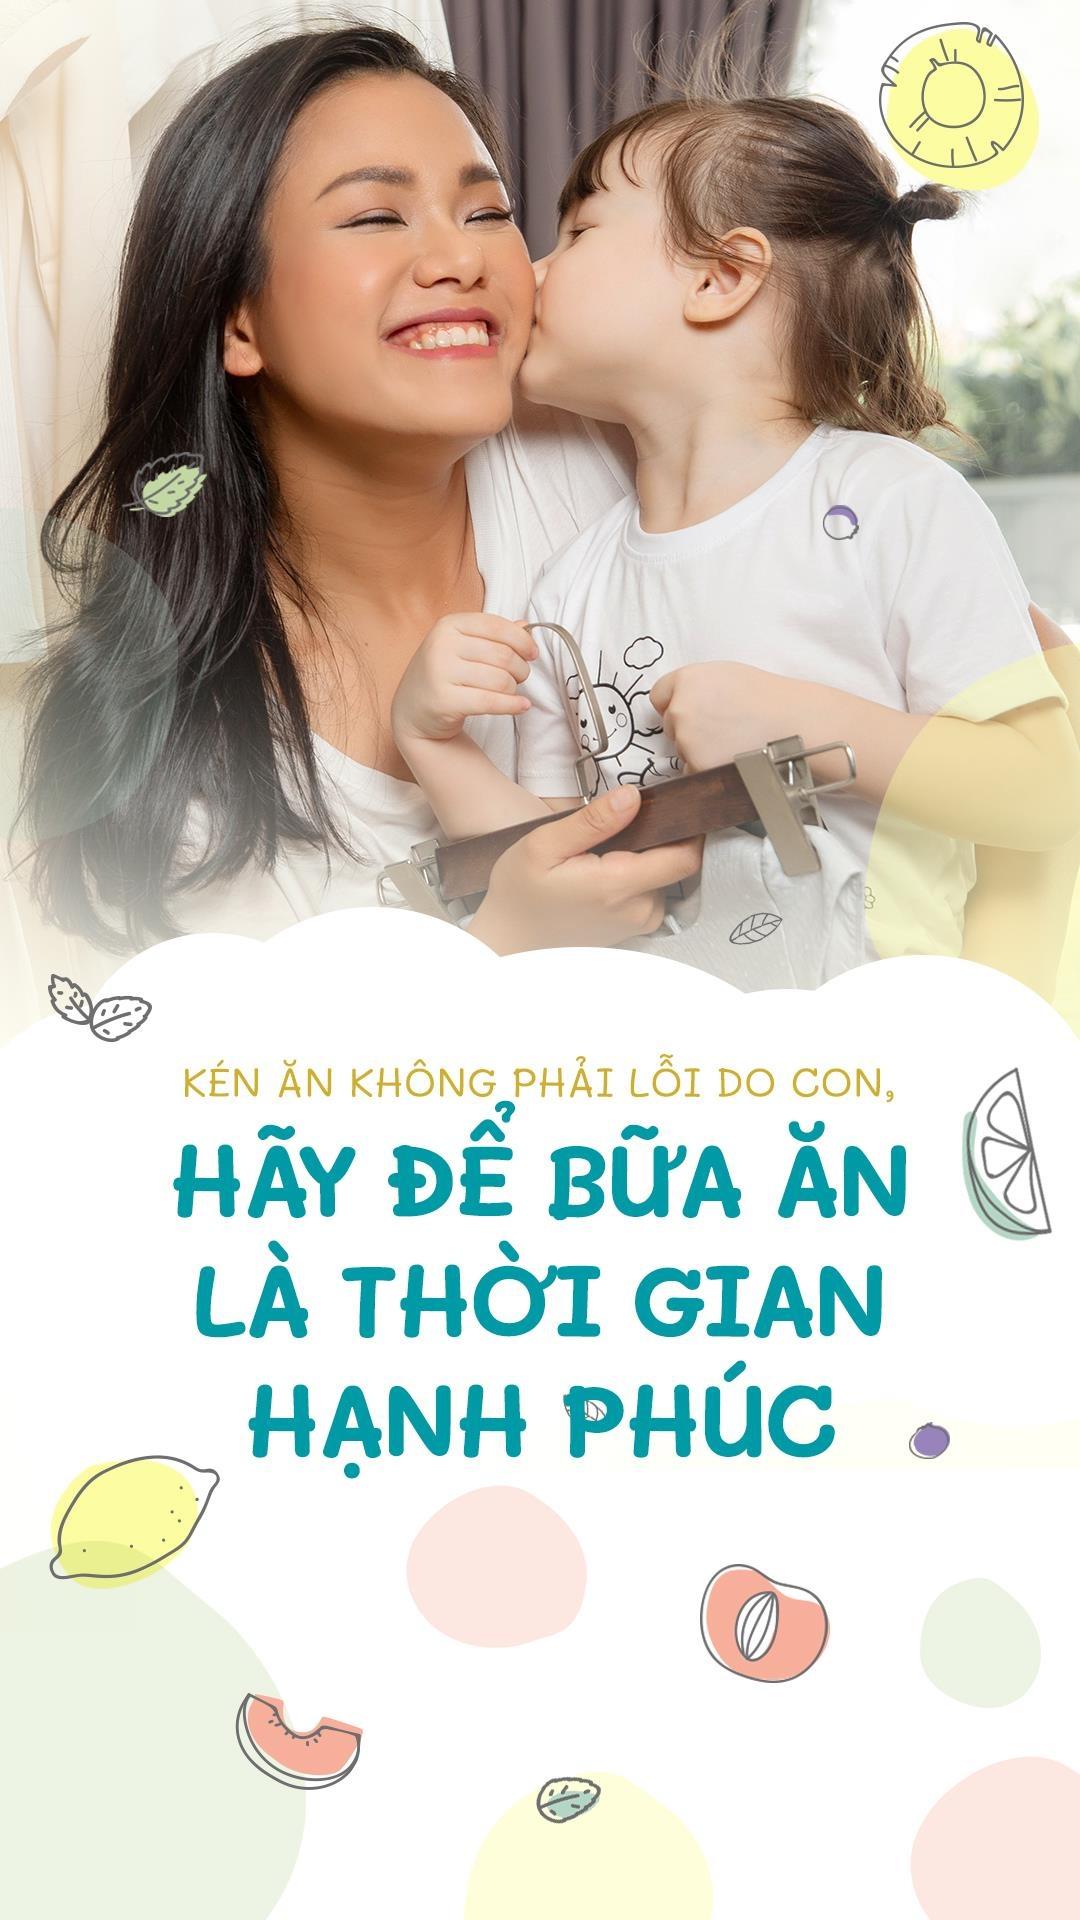 Ken an khong phai loi do con, hay de bua an la thoi gian hanh phuc hinh anh 1